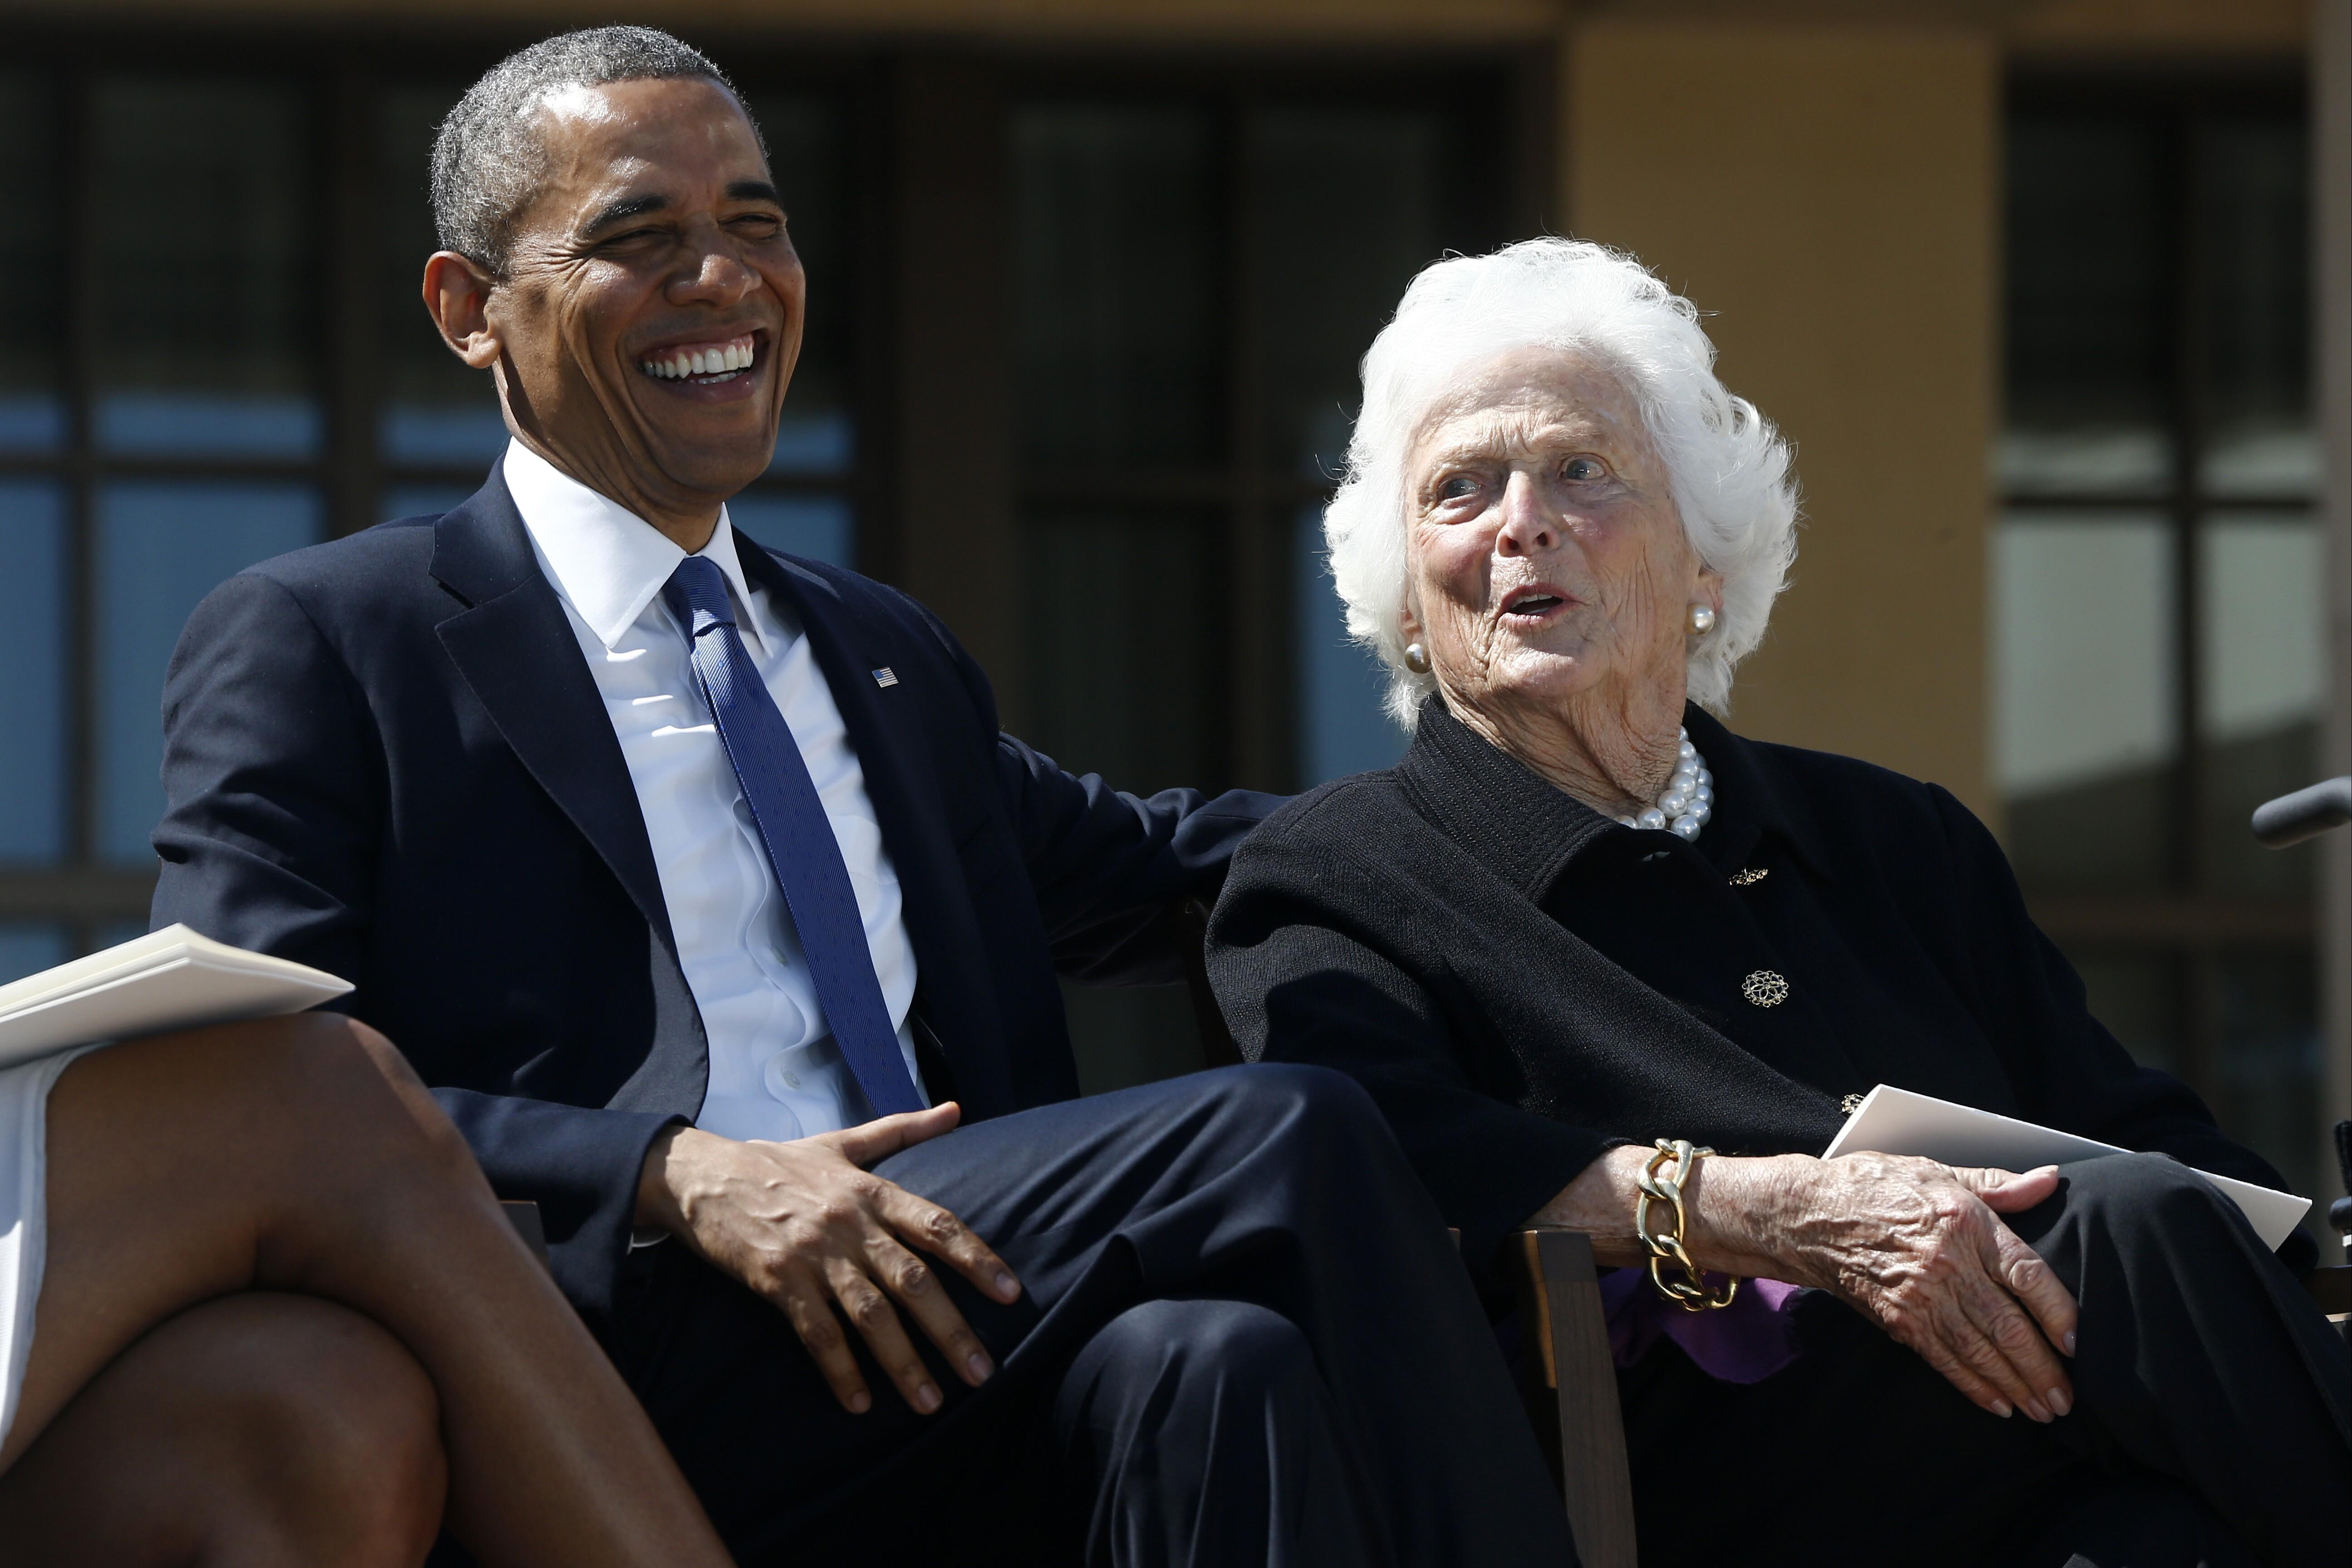 巴拉克·奥巴马,芭芭拉·布什2013年4月